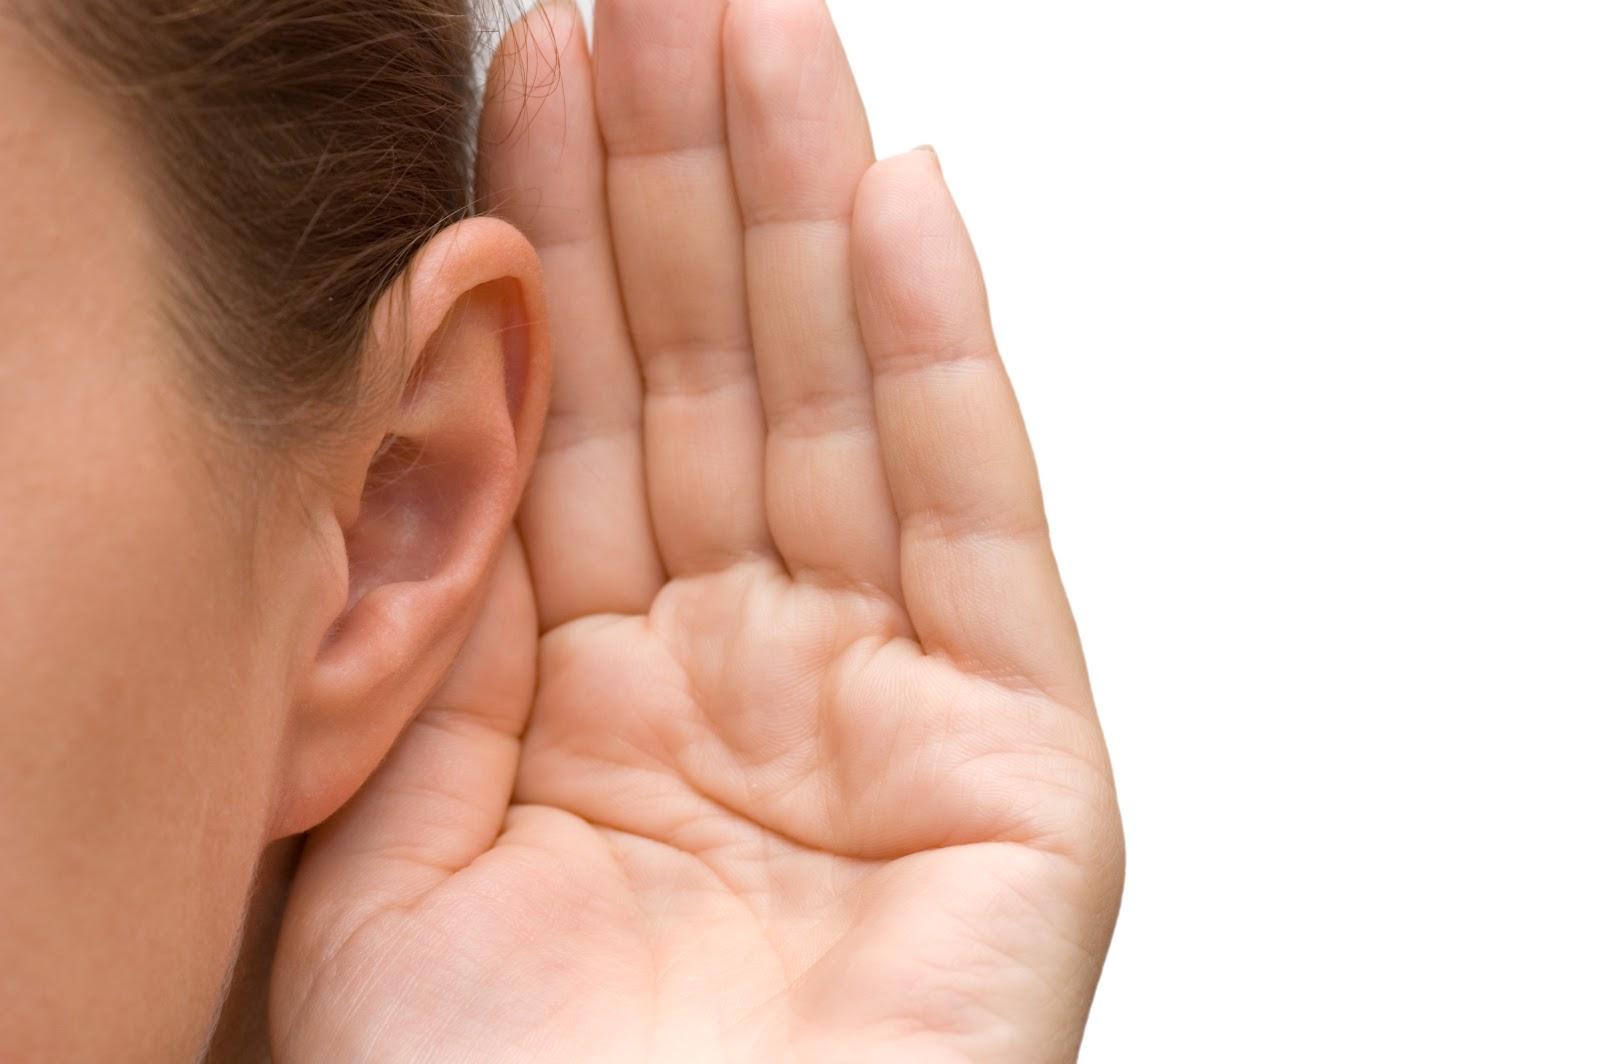 ¿Qué estás oyendo?